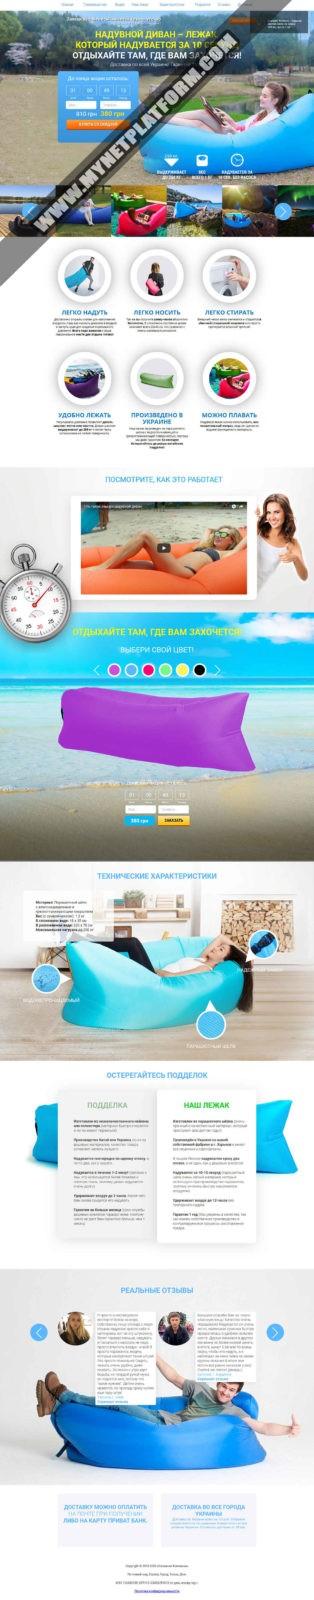 Скриншот Готового лендинга Надувной диван - Lamzac 002